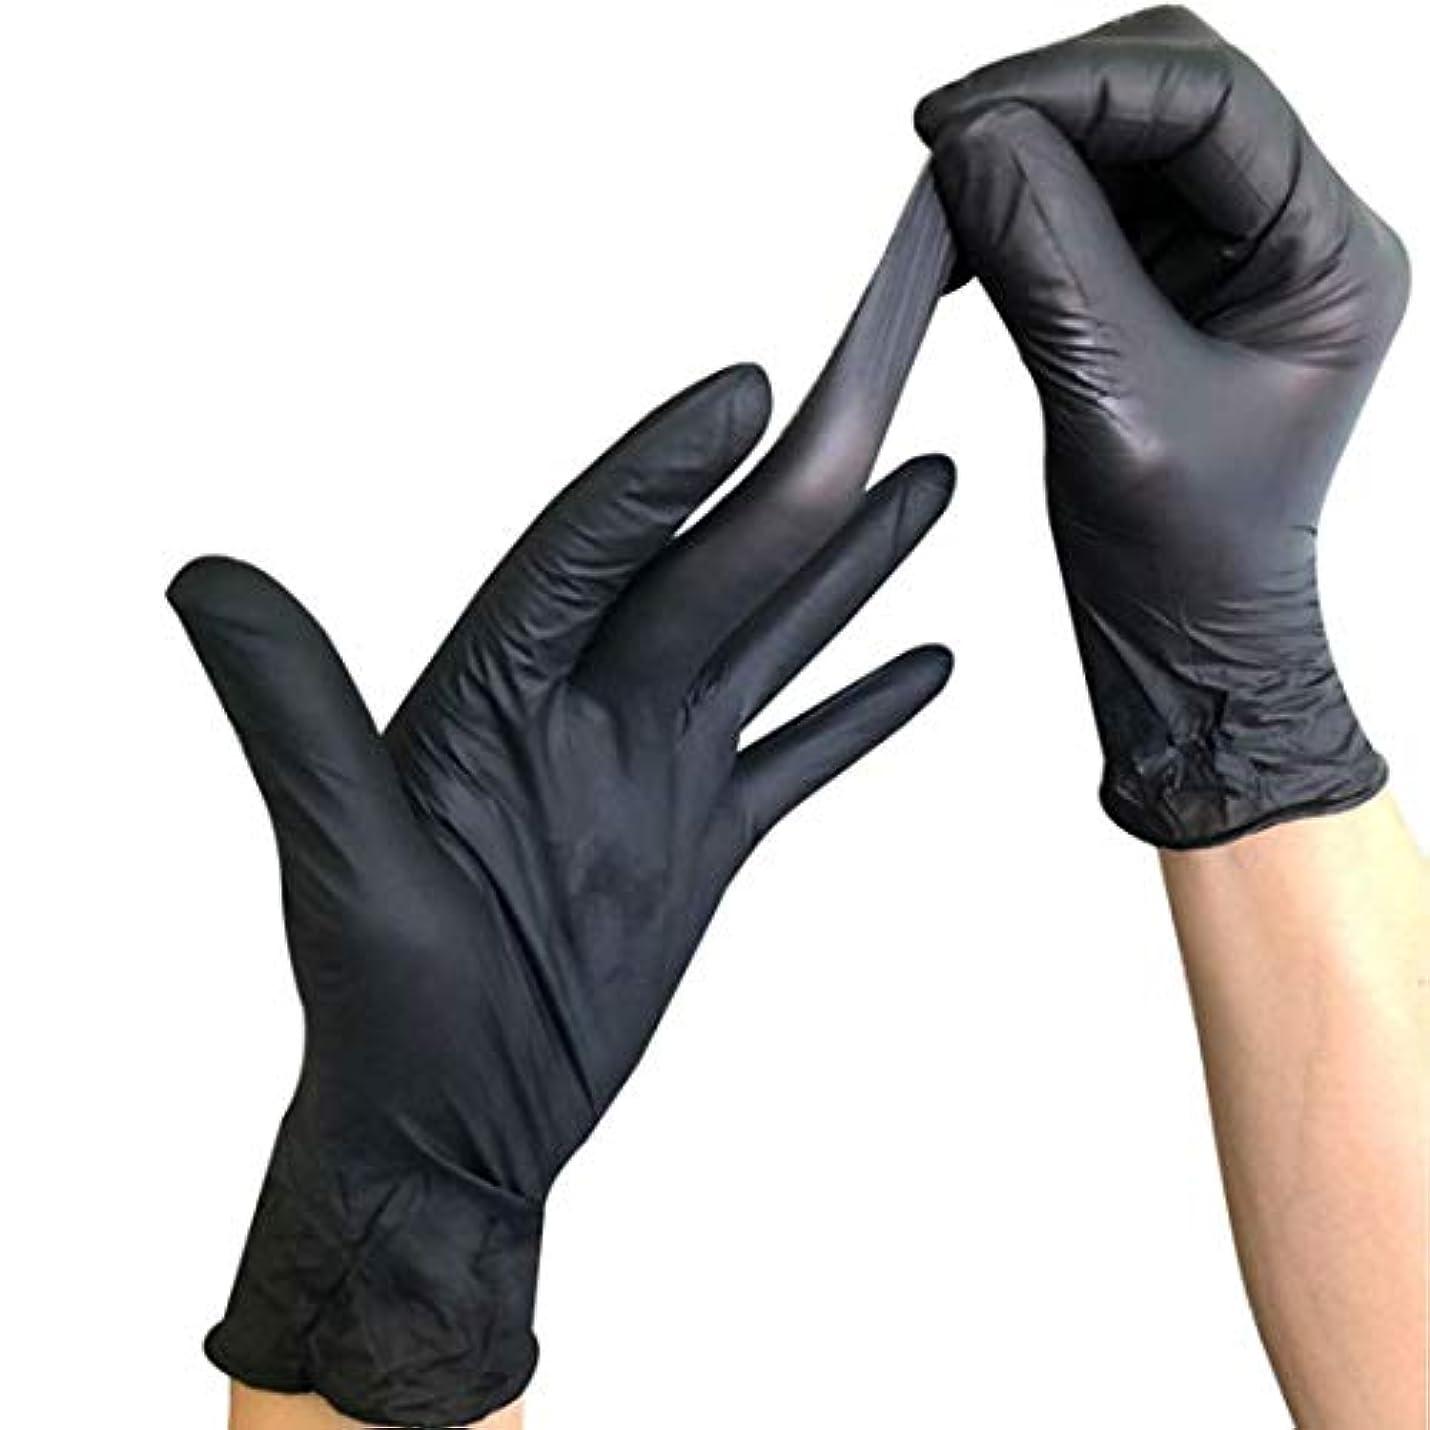 敵シーケンス使い捨て手袋 ニトリル手袋 厚手防水 耐油 耐久性が強い上に軽く高品質黒 100枚